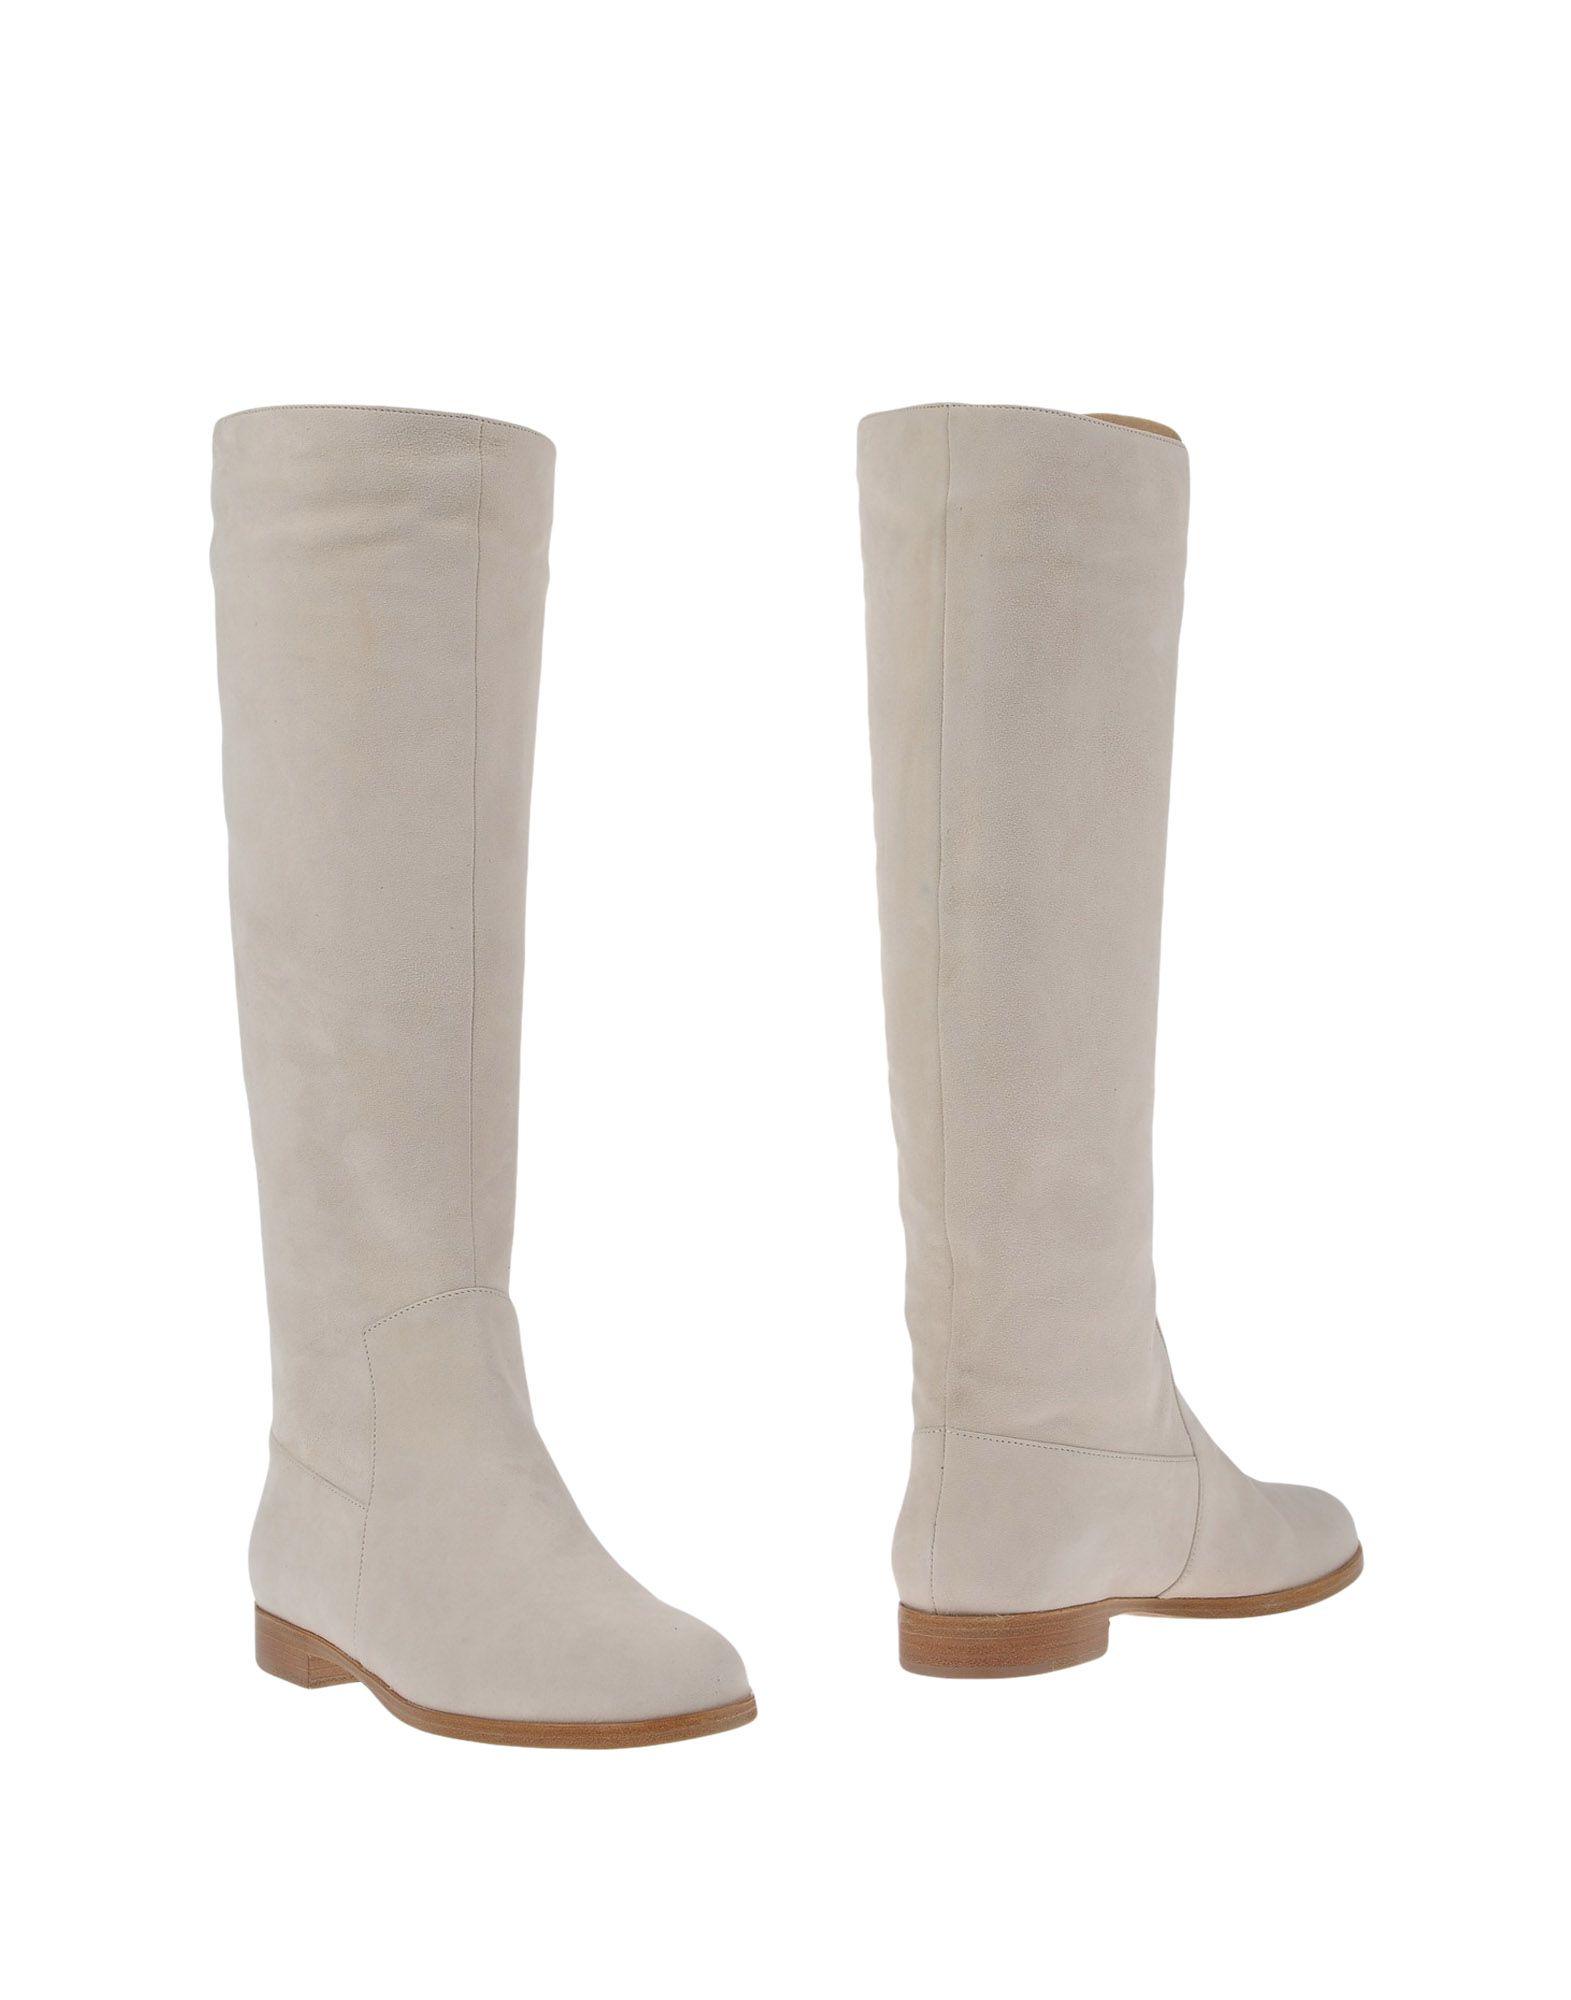 Sergio Rossi Stiefel Damen  11284853ASGut aussehende strapazierfähige Schuhe